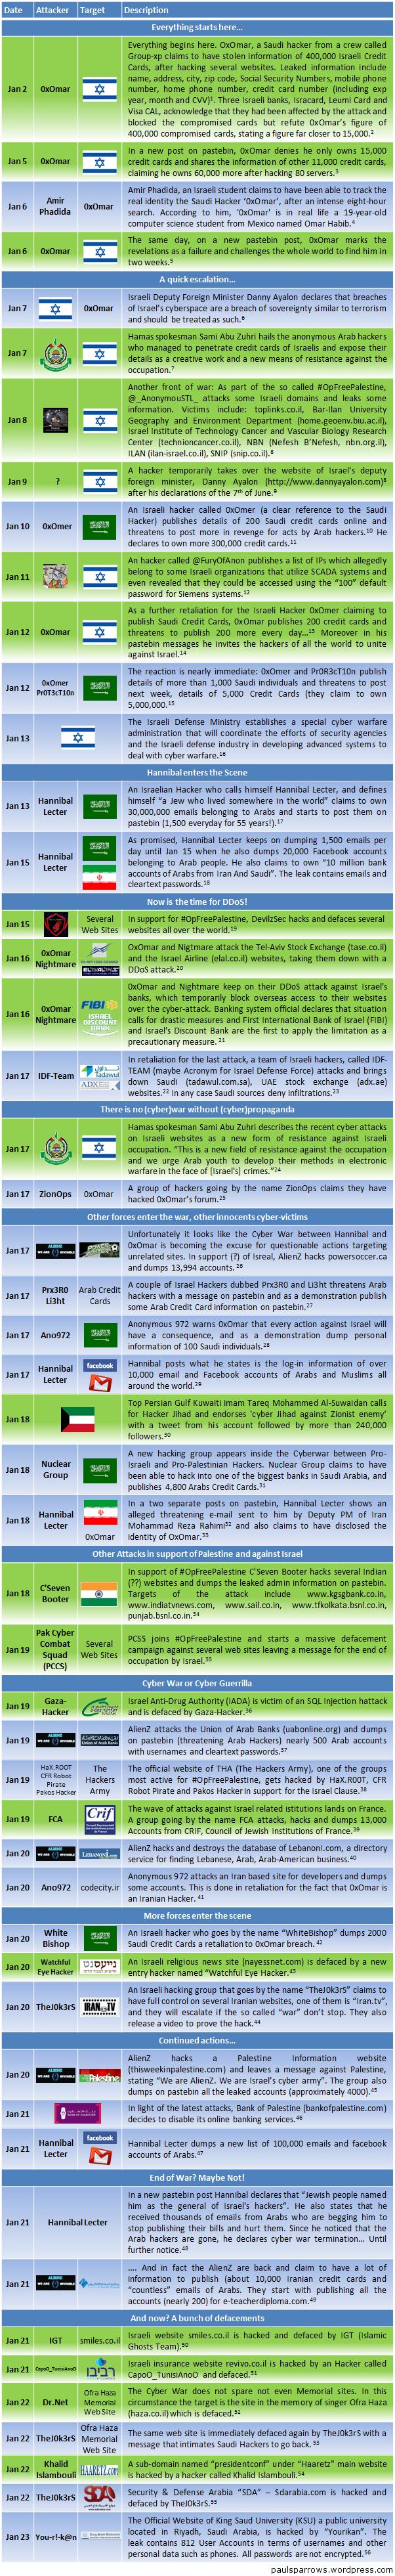 2012 Cyber Attacks Timeline Master Index – HACKMAGEDDON